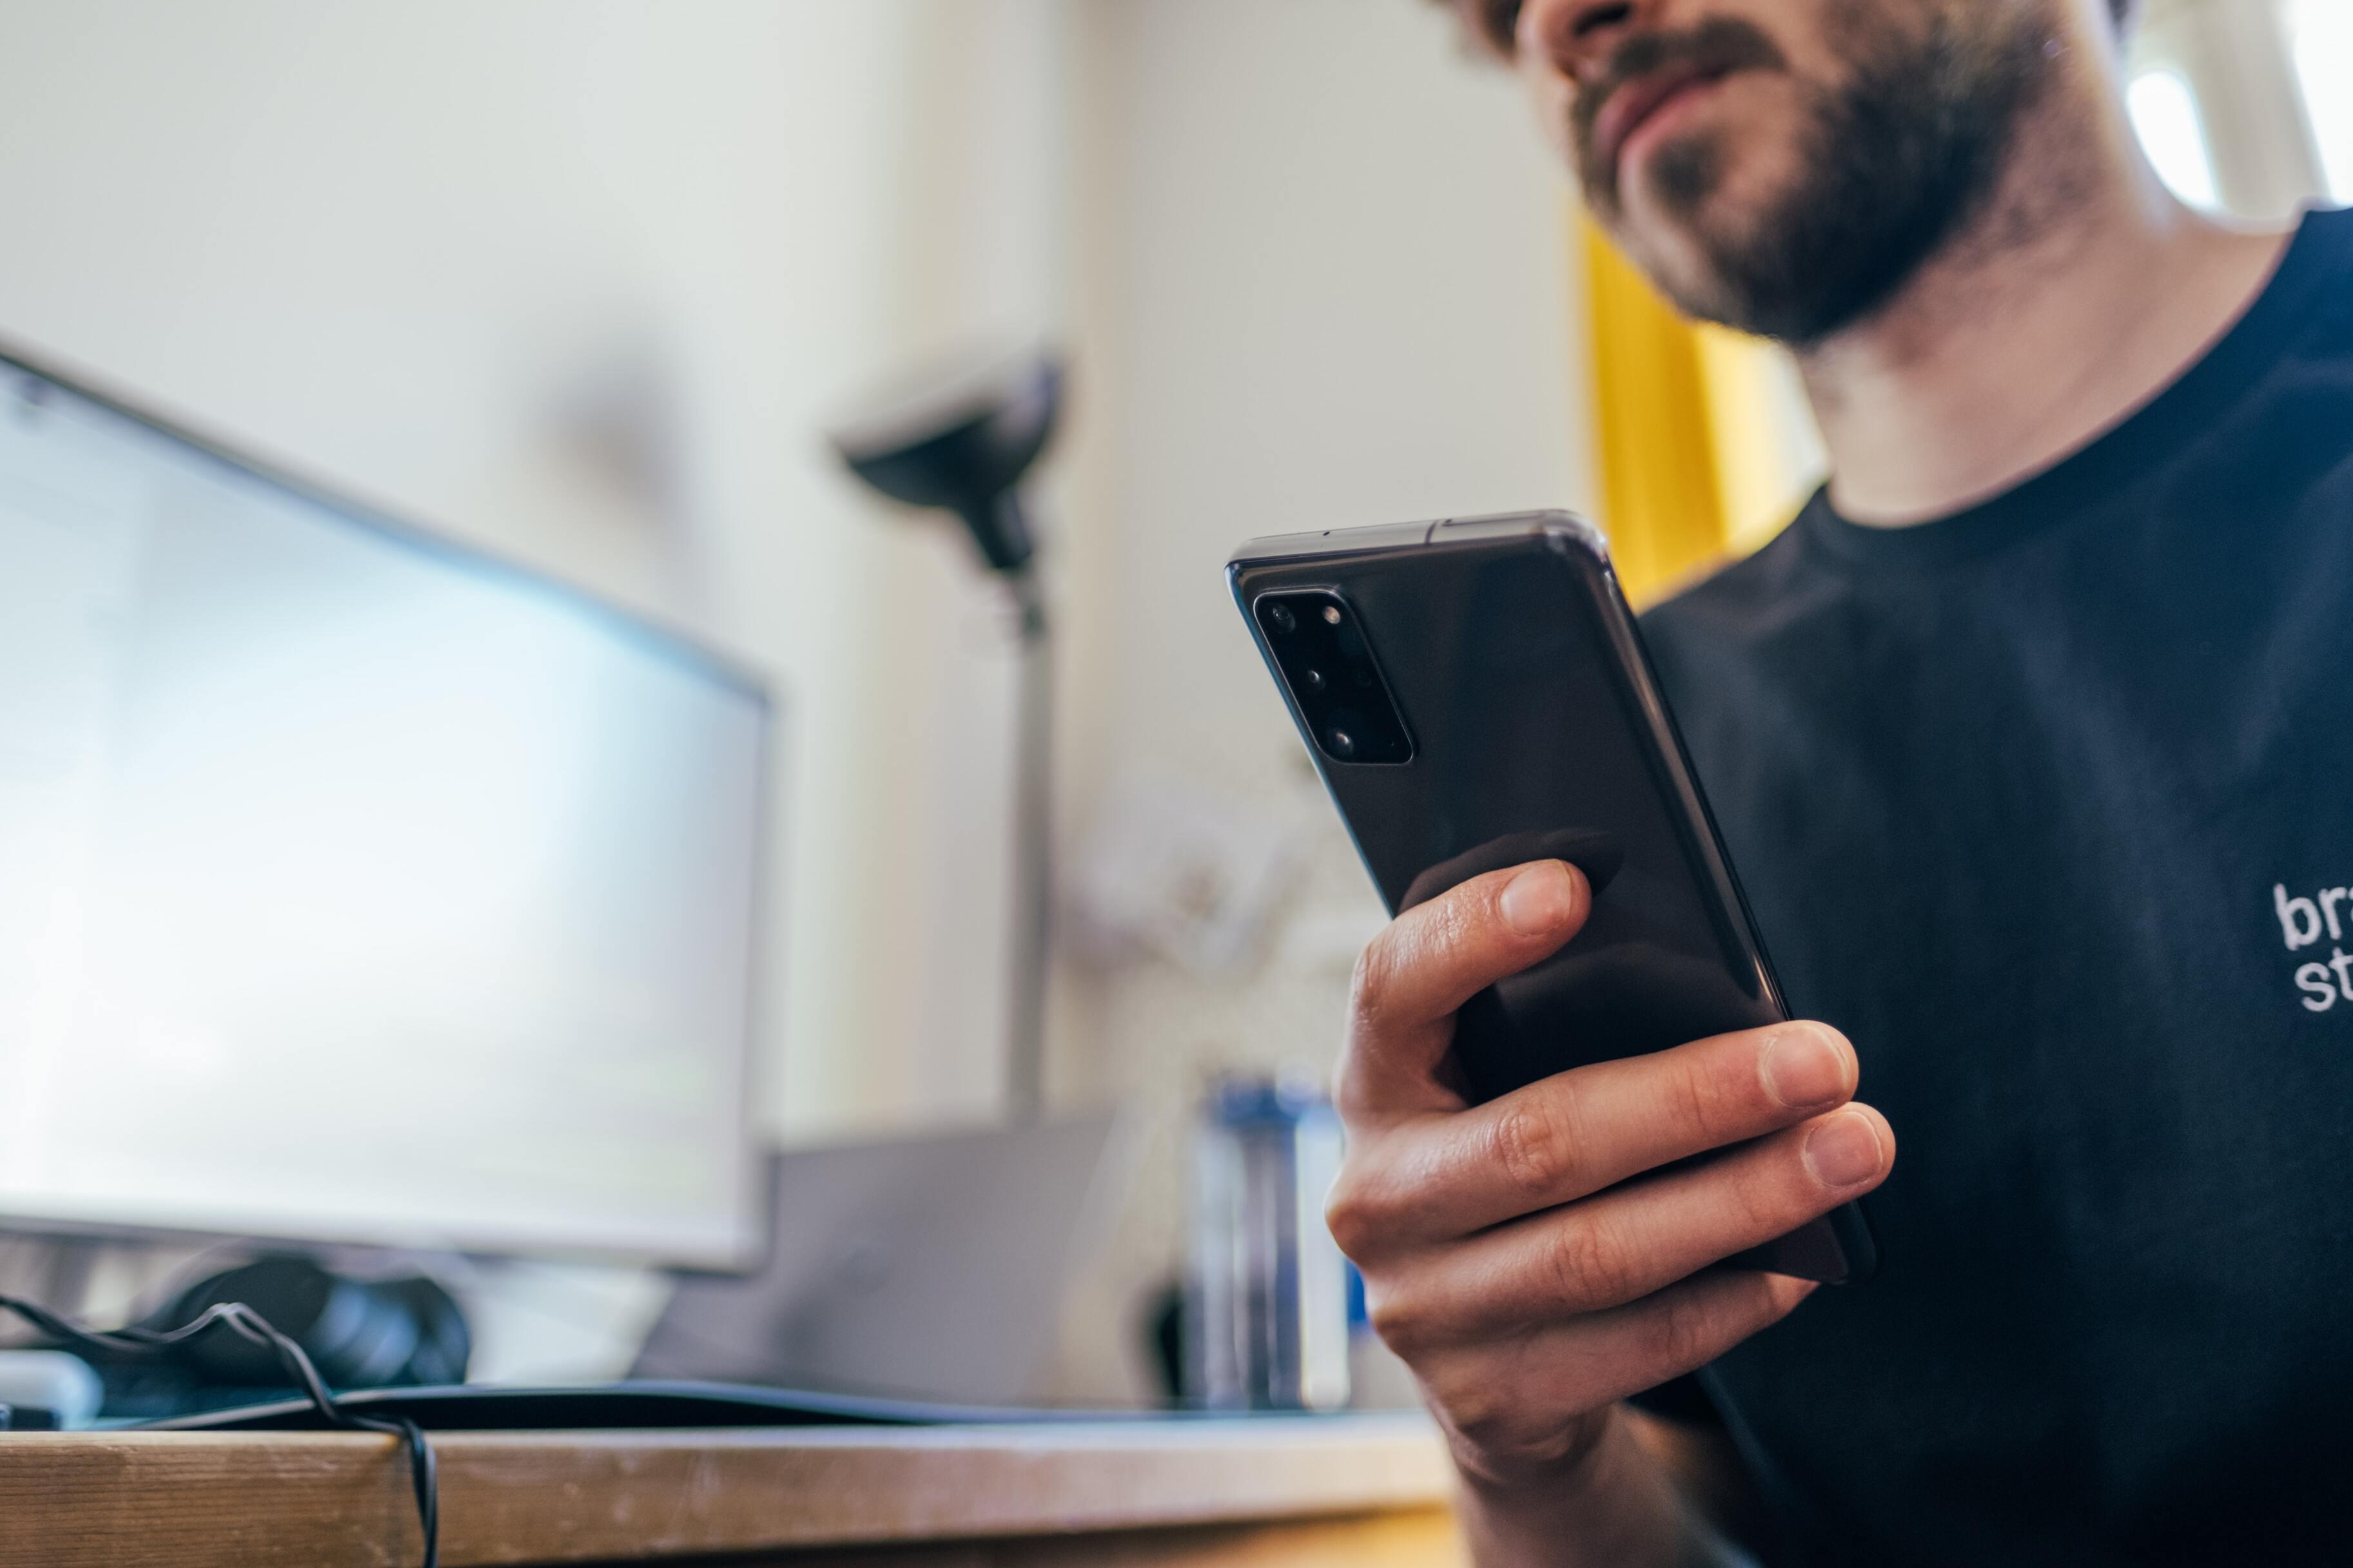 Исследование: ни один современный смартфон не защищает данные пользователей на 100%